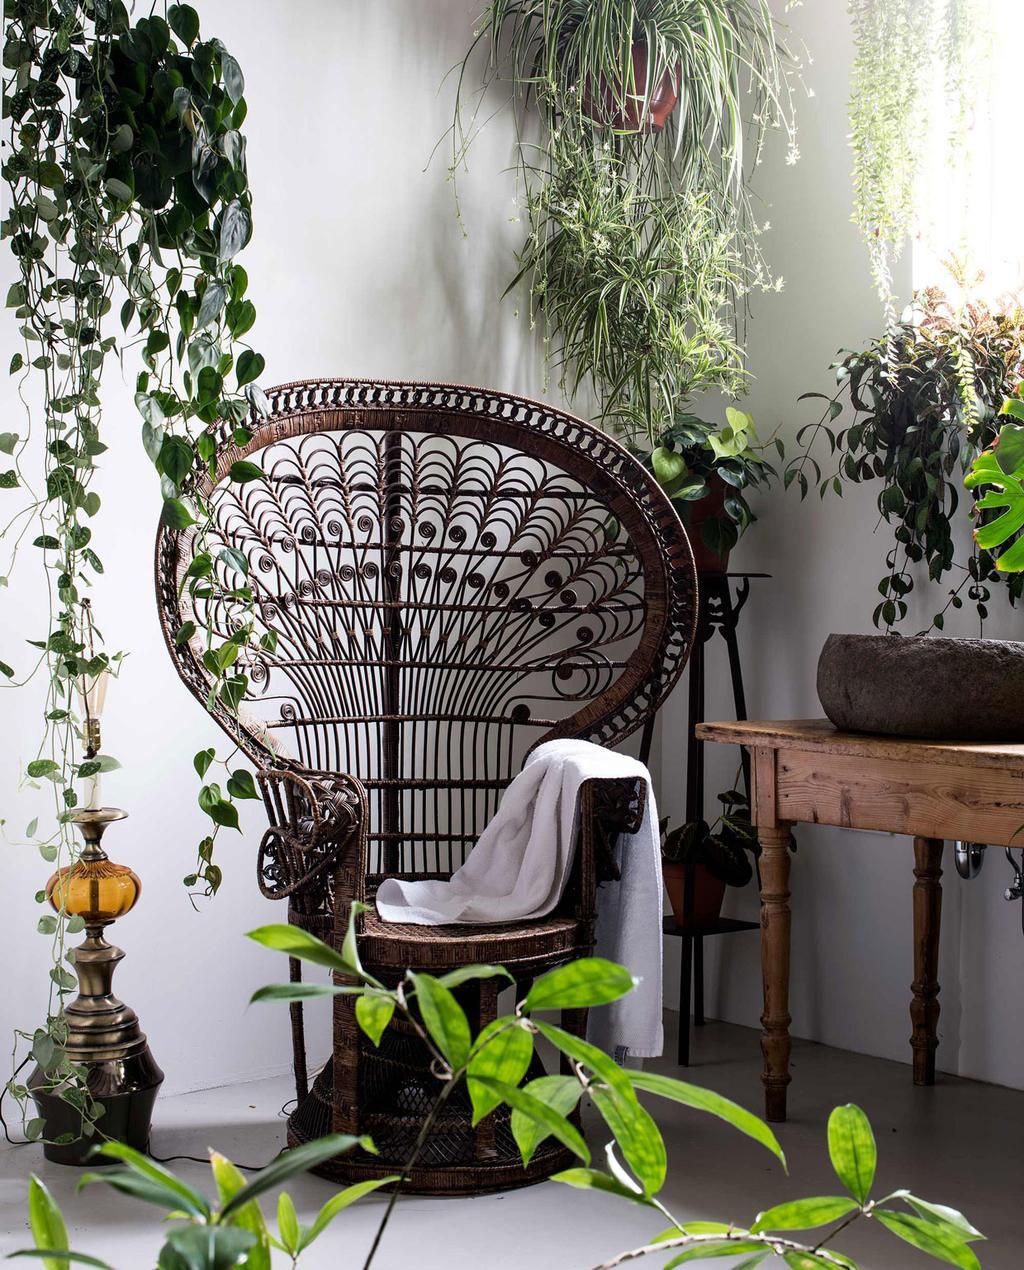 rotan stoel in bohemian interieur omringd door hangplanten en kamerplanten